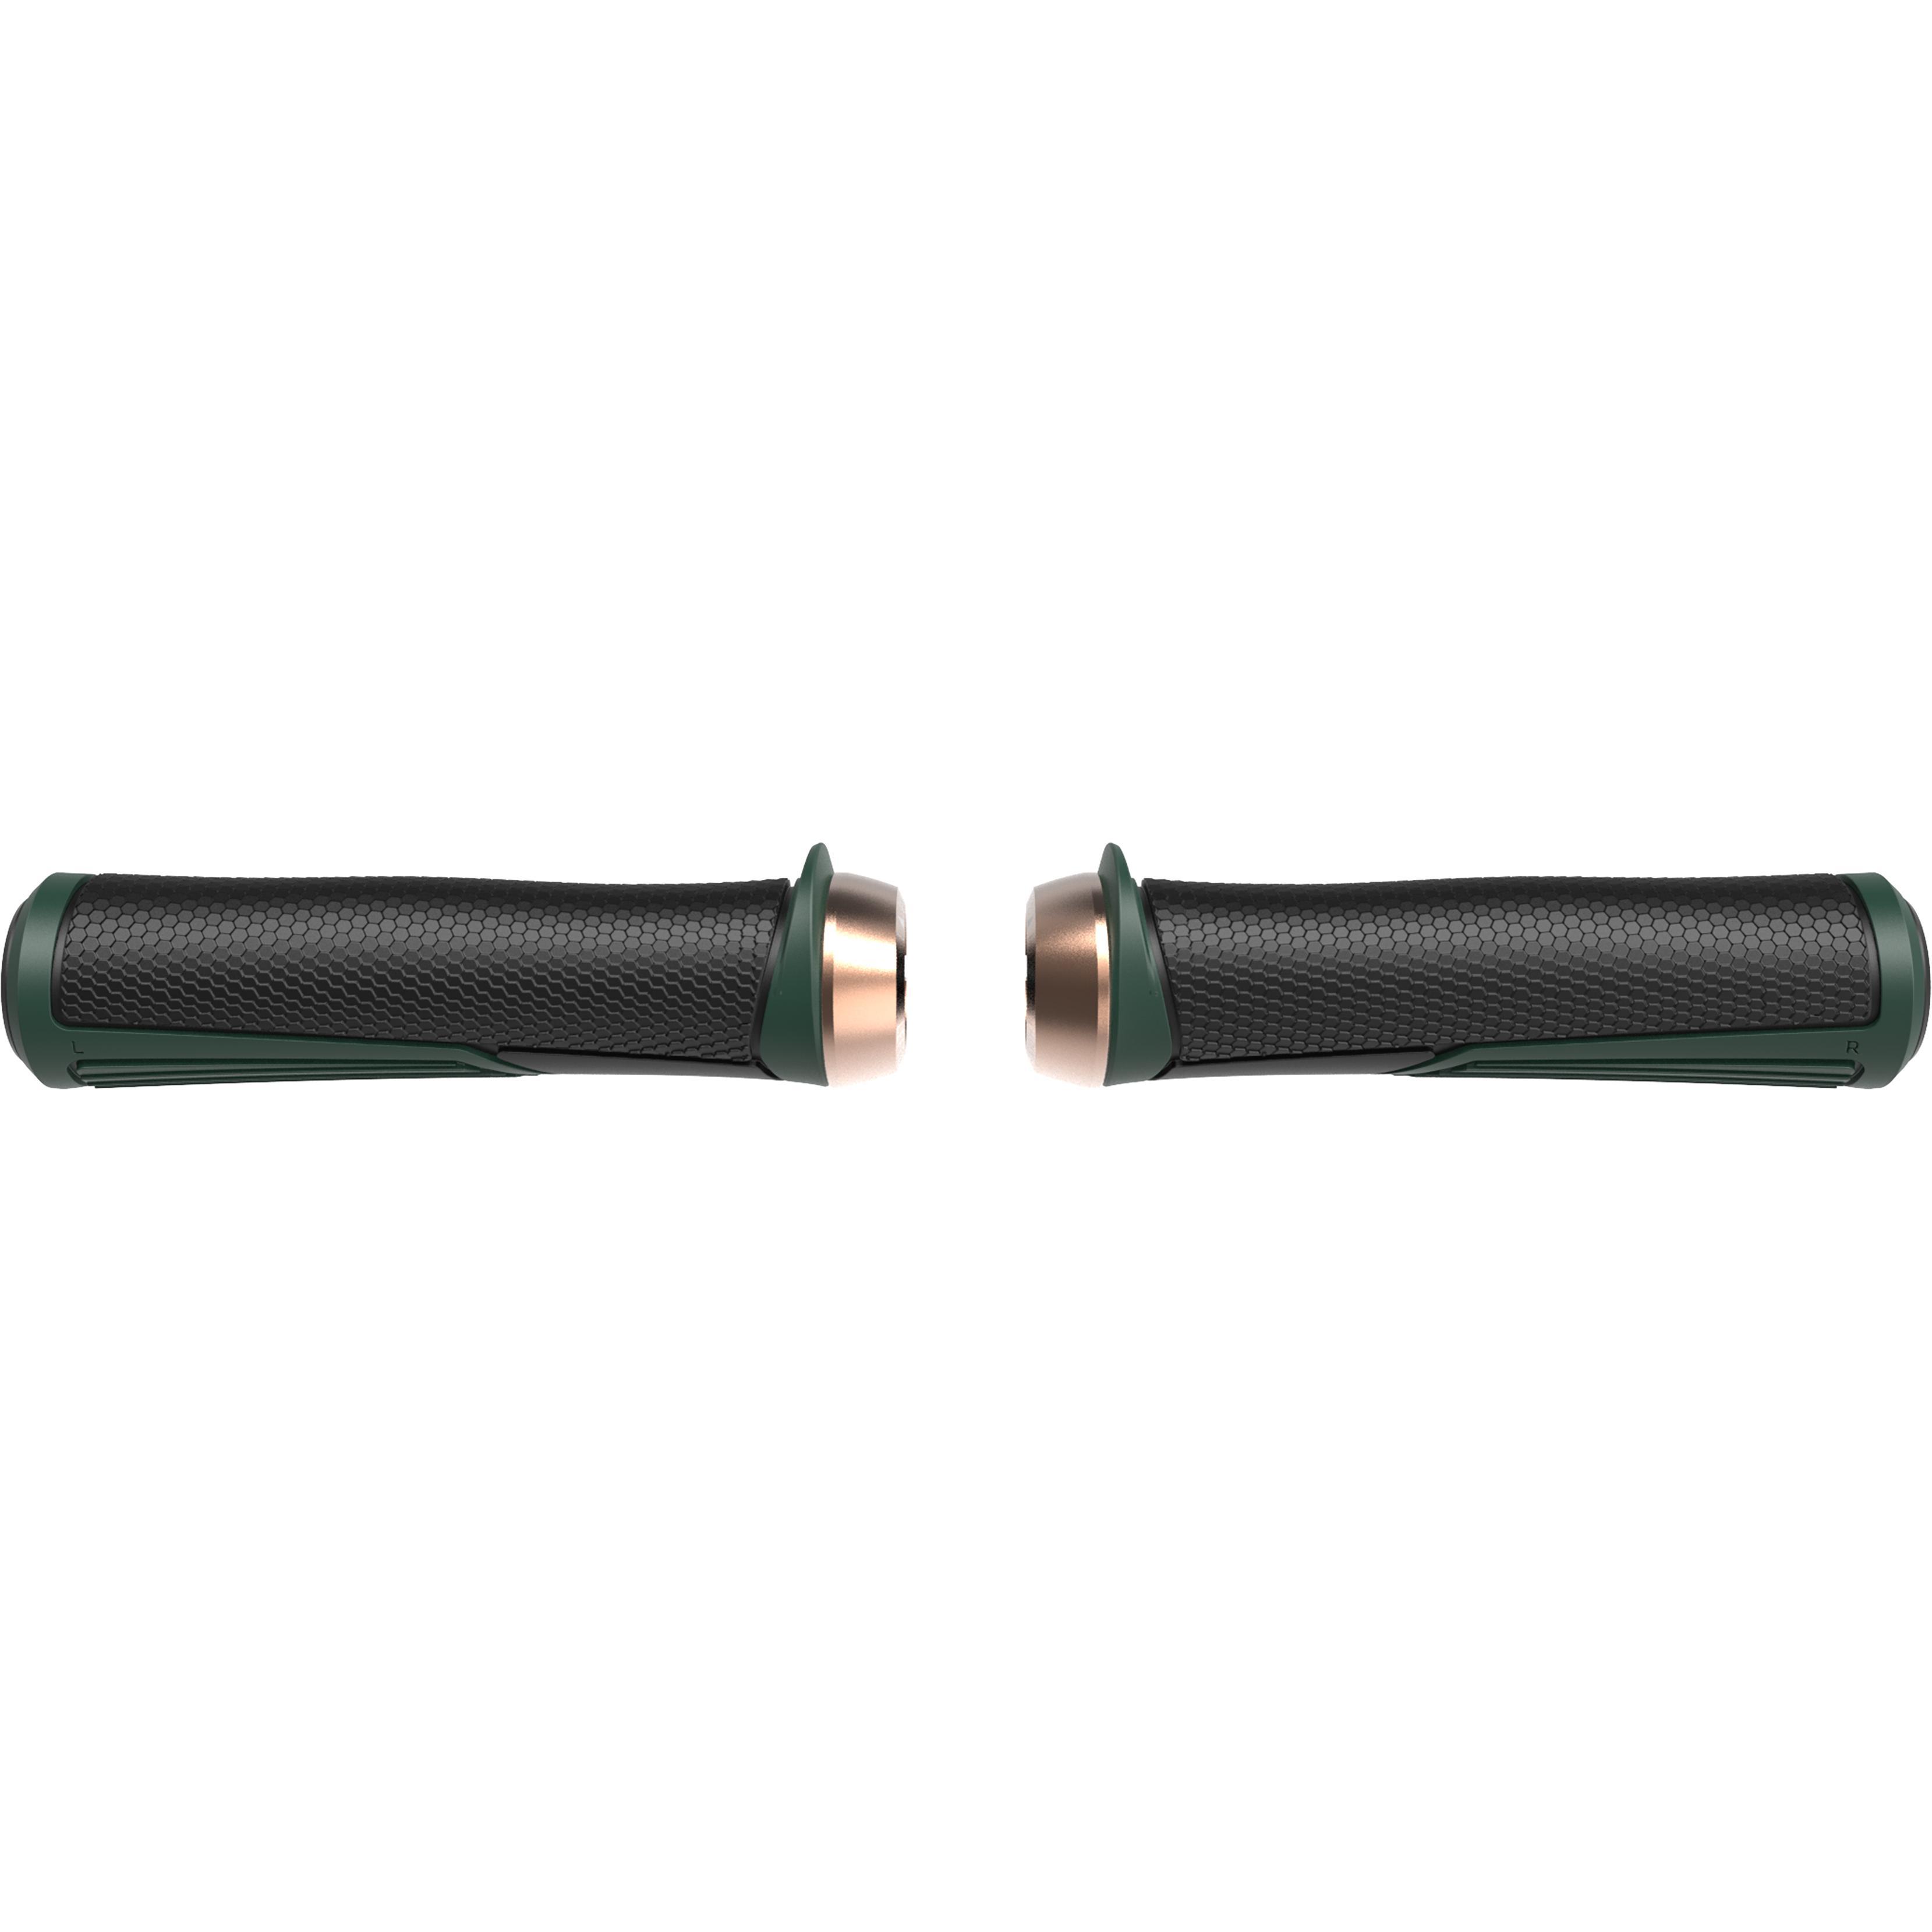 Купить Грипсы Bbb Cobra 142Mm / Moss Green / Lockring Copper Зелёный, унисекс, Рулевое управление